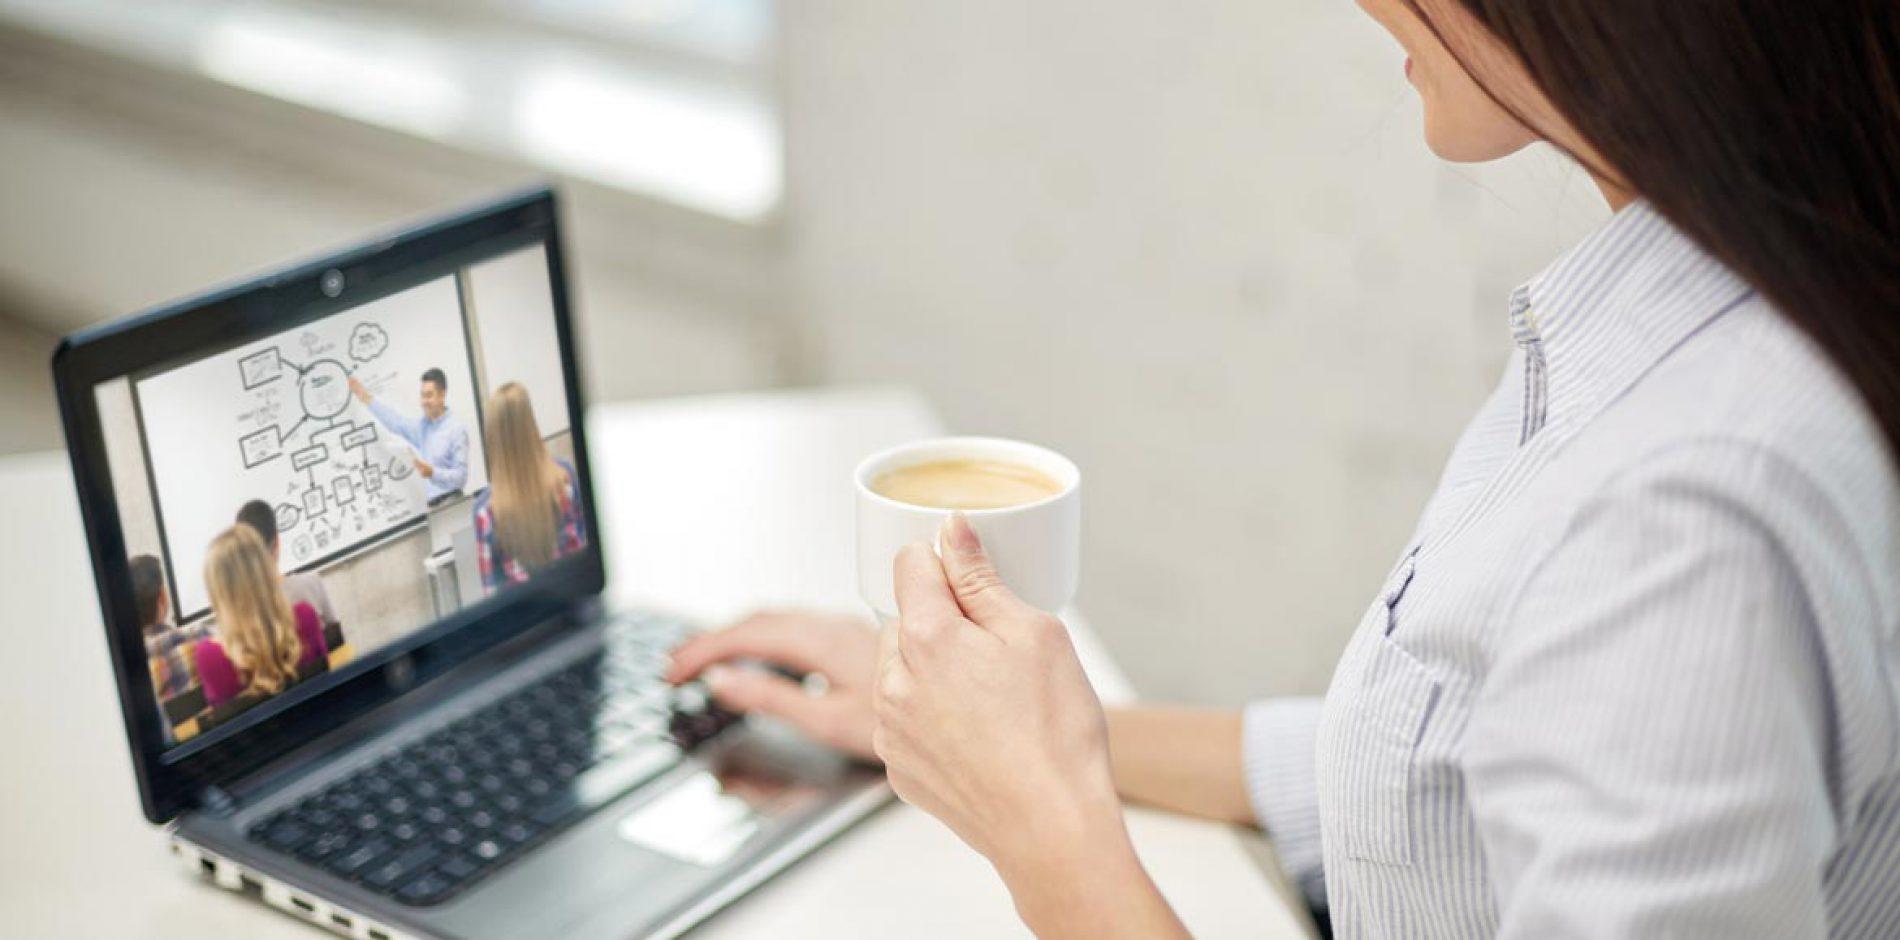 La formazione online: l'imponente crescita di questo nuovo business